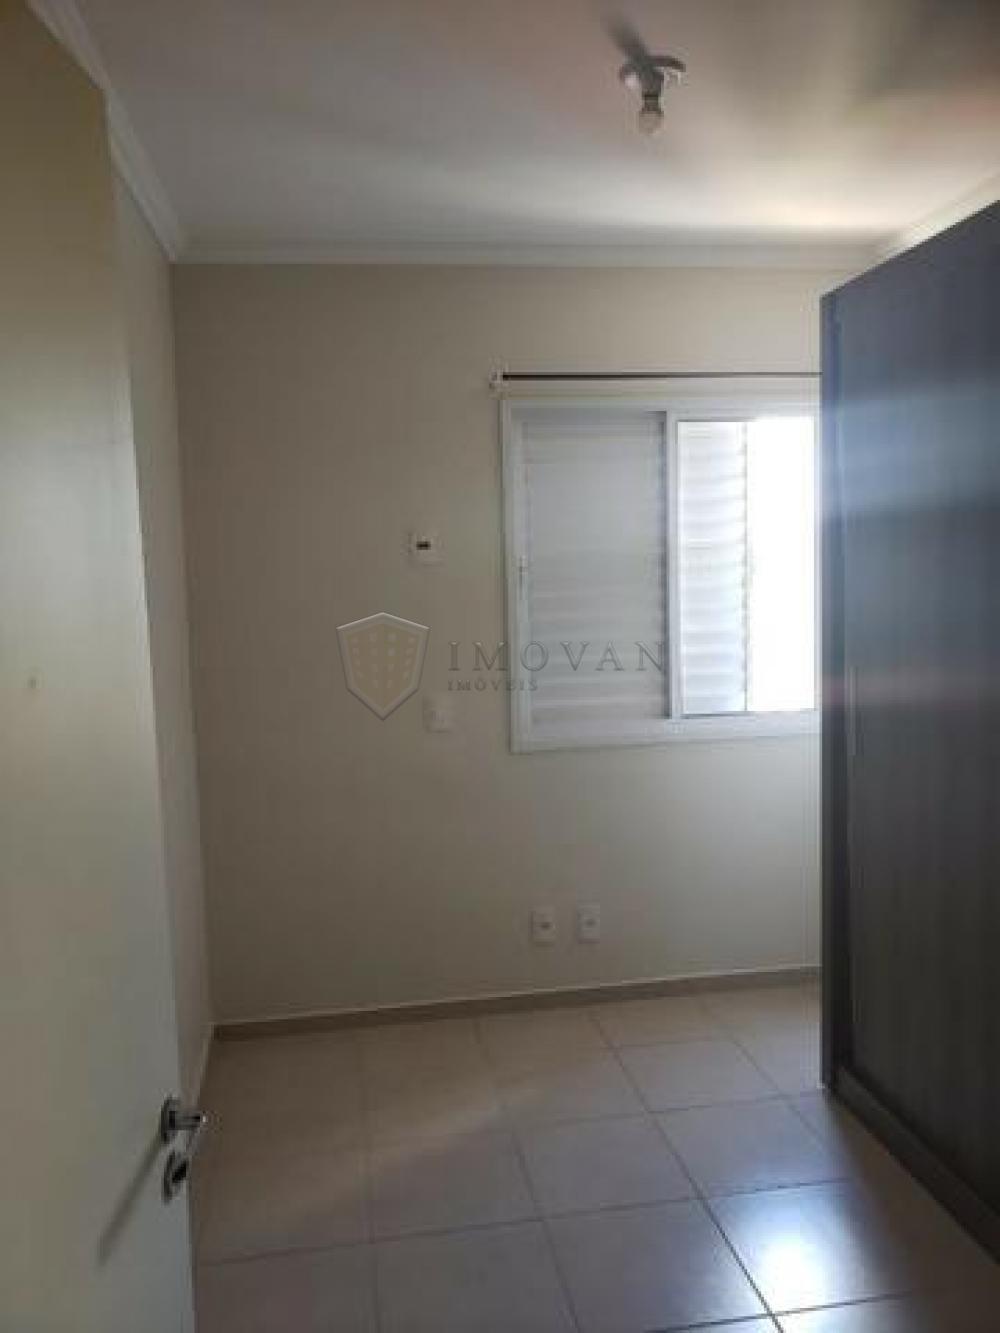 Comprar Apartamento / Padrão em Ribeirão Preto apenas R$ 250.000,00 - Foto 10